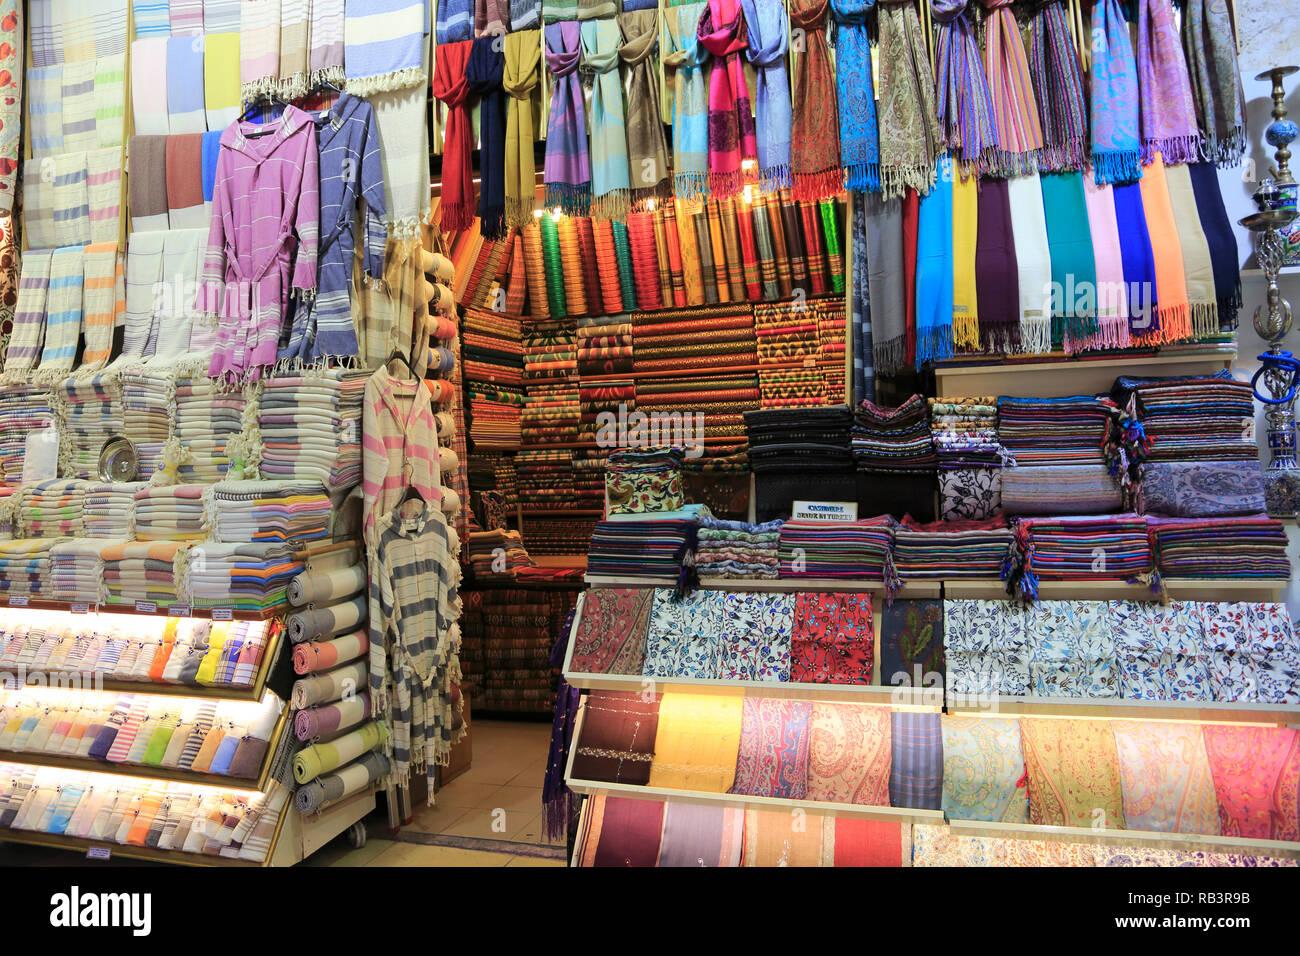 c8e7d1c5268d Textiles, Grand Bazar, Kapali Carsi, Marché, Vieille Ville, Istanbul,  Turquie